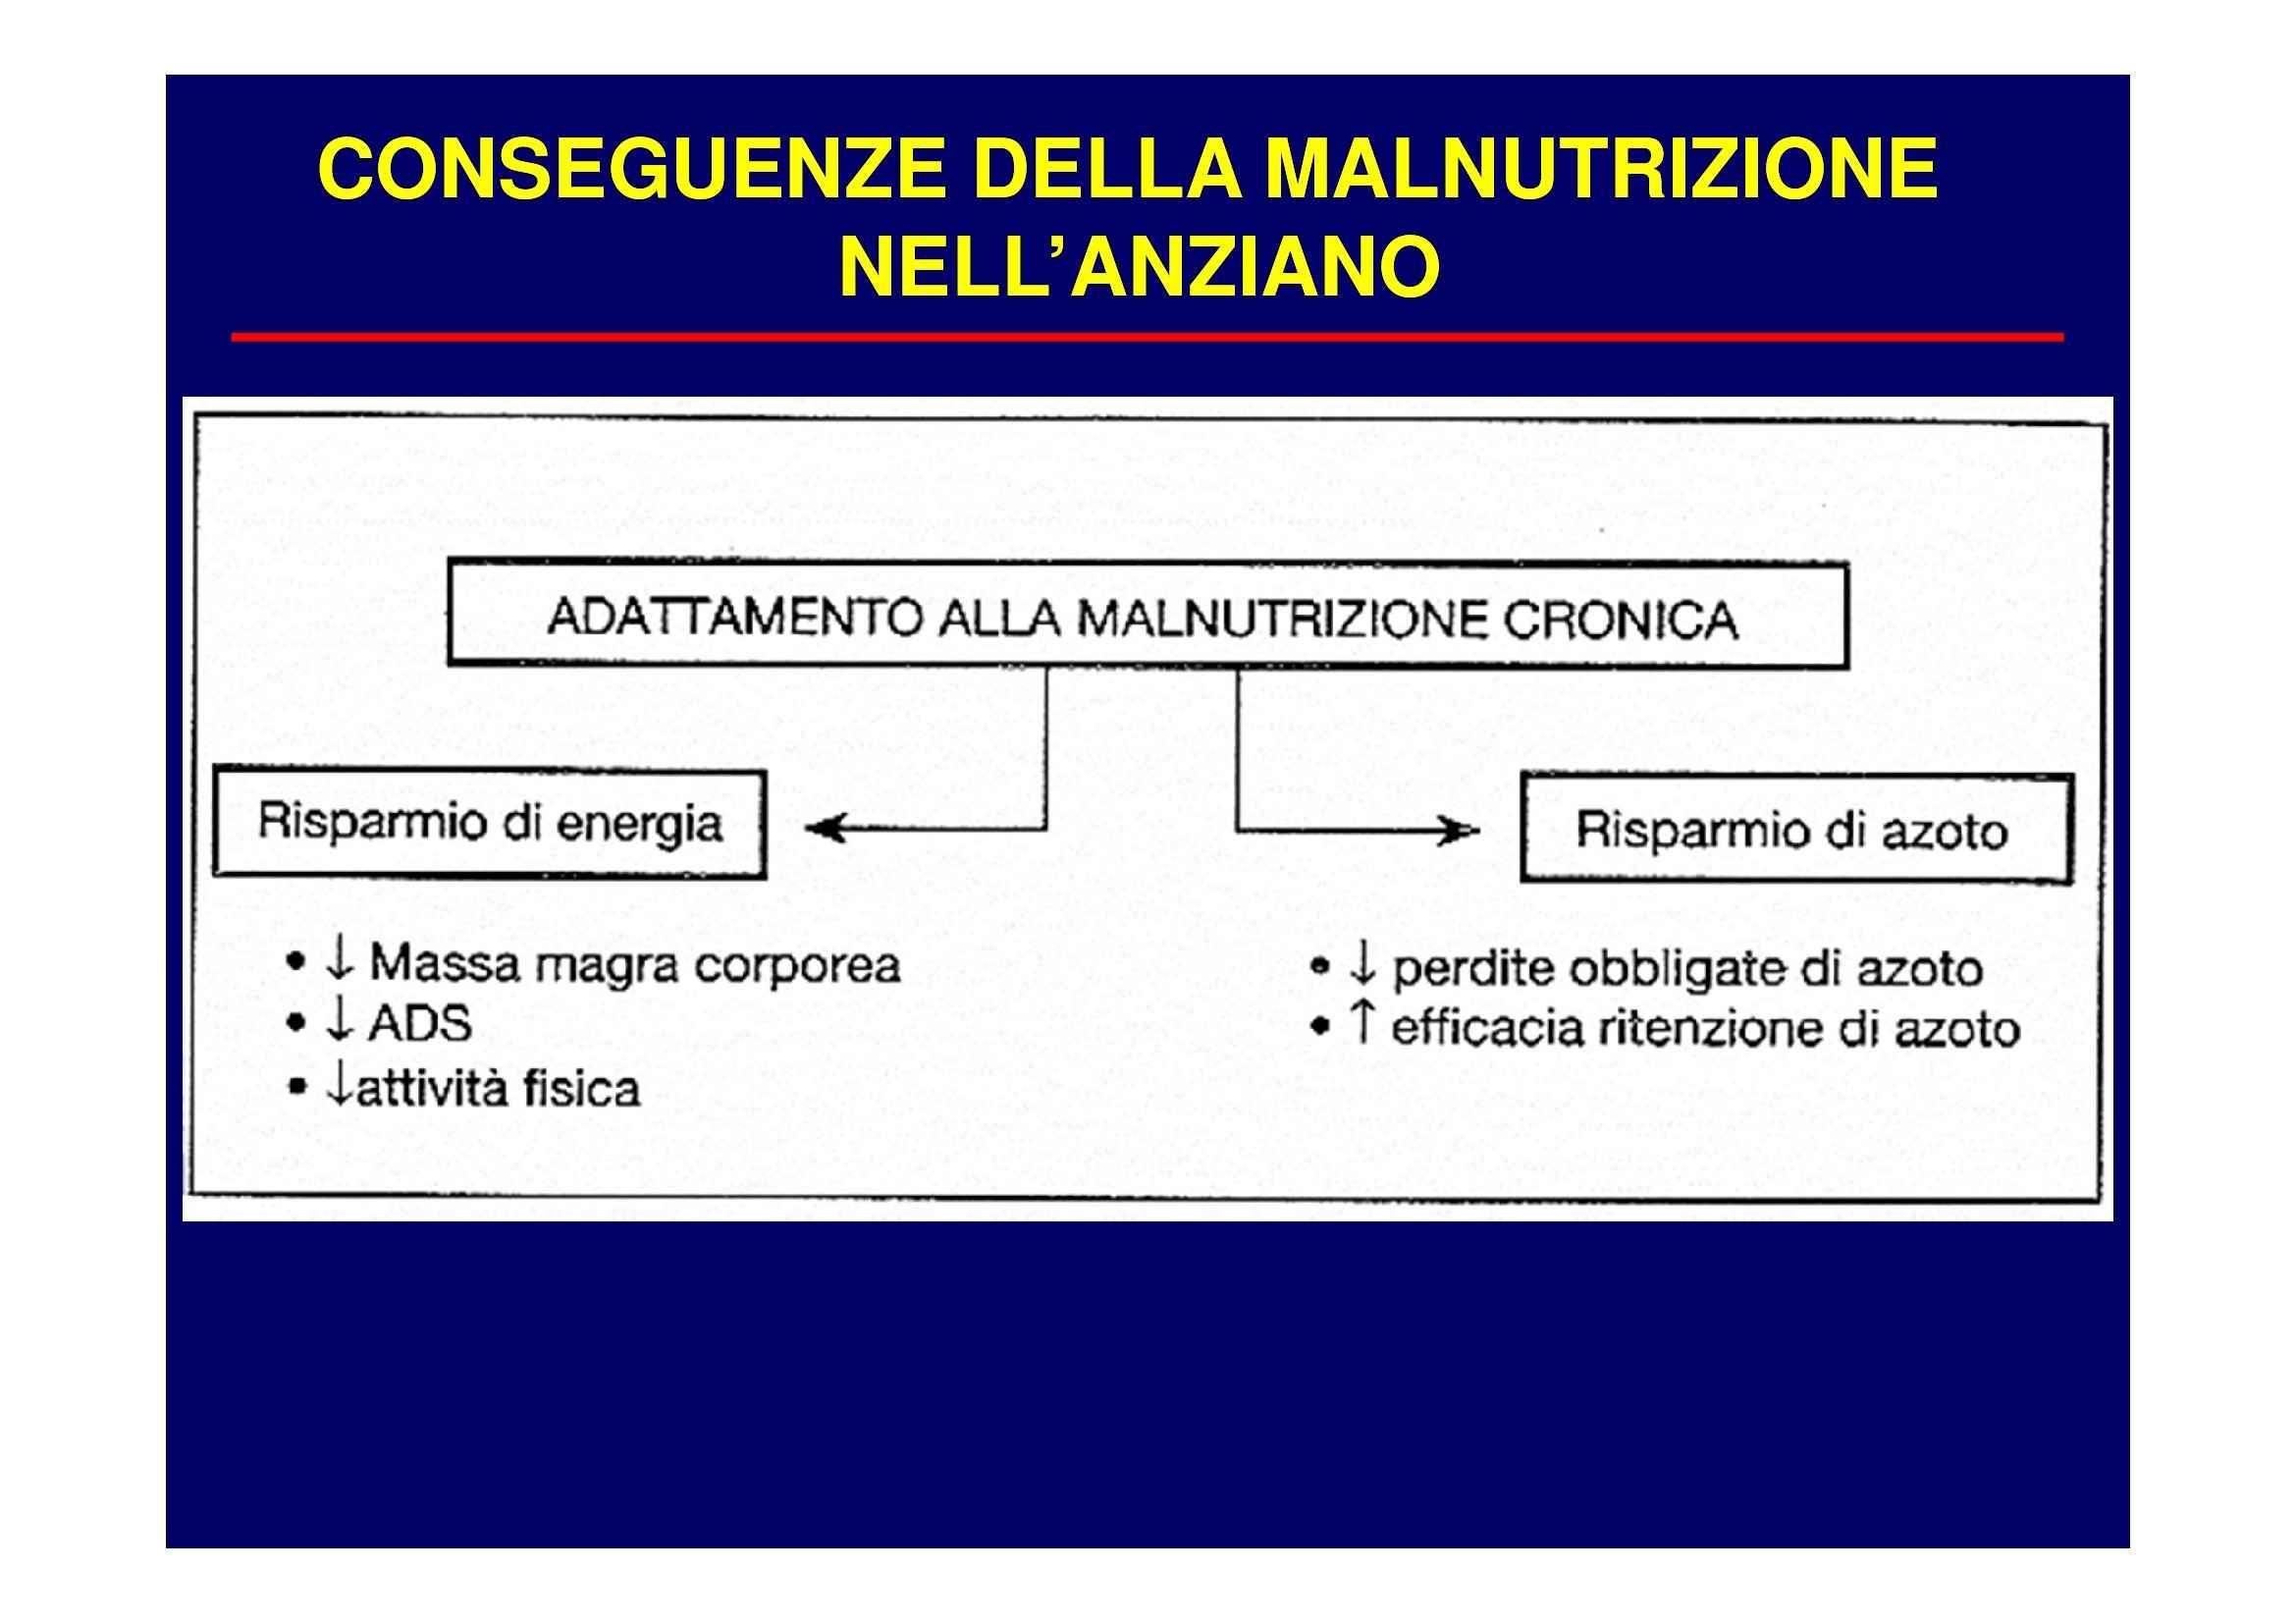 Nutrizione clinica - le conseguenze della malnutrizione nell'anziano